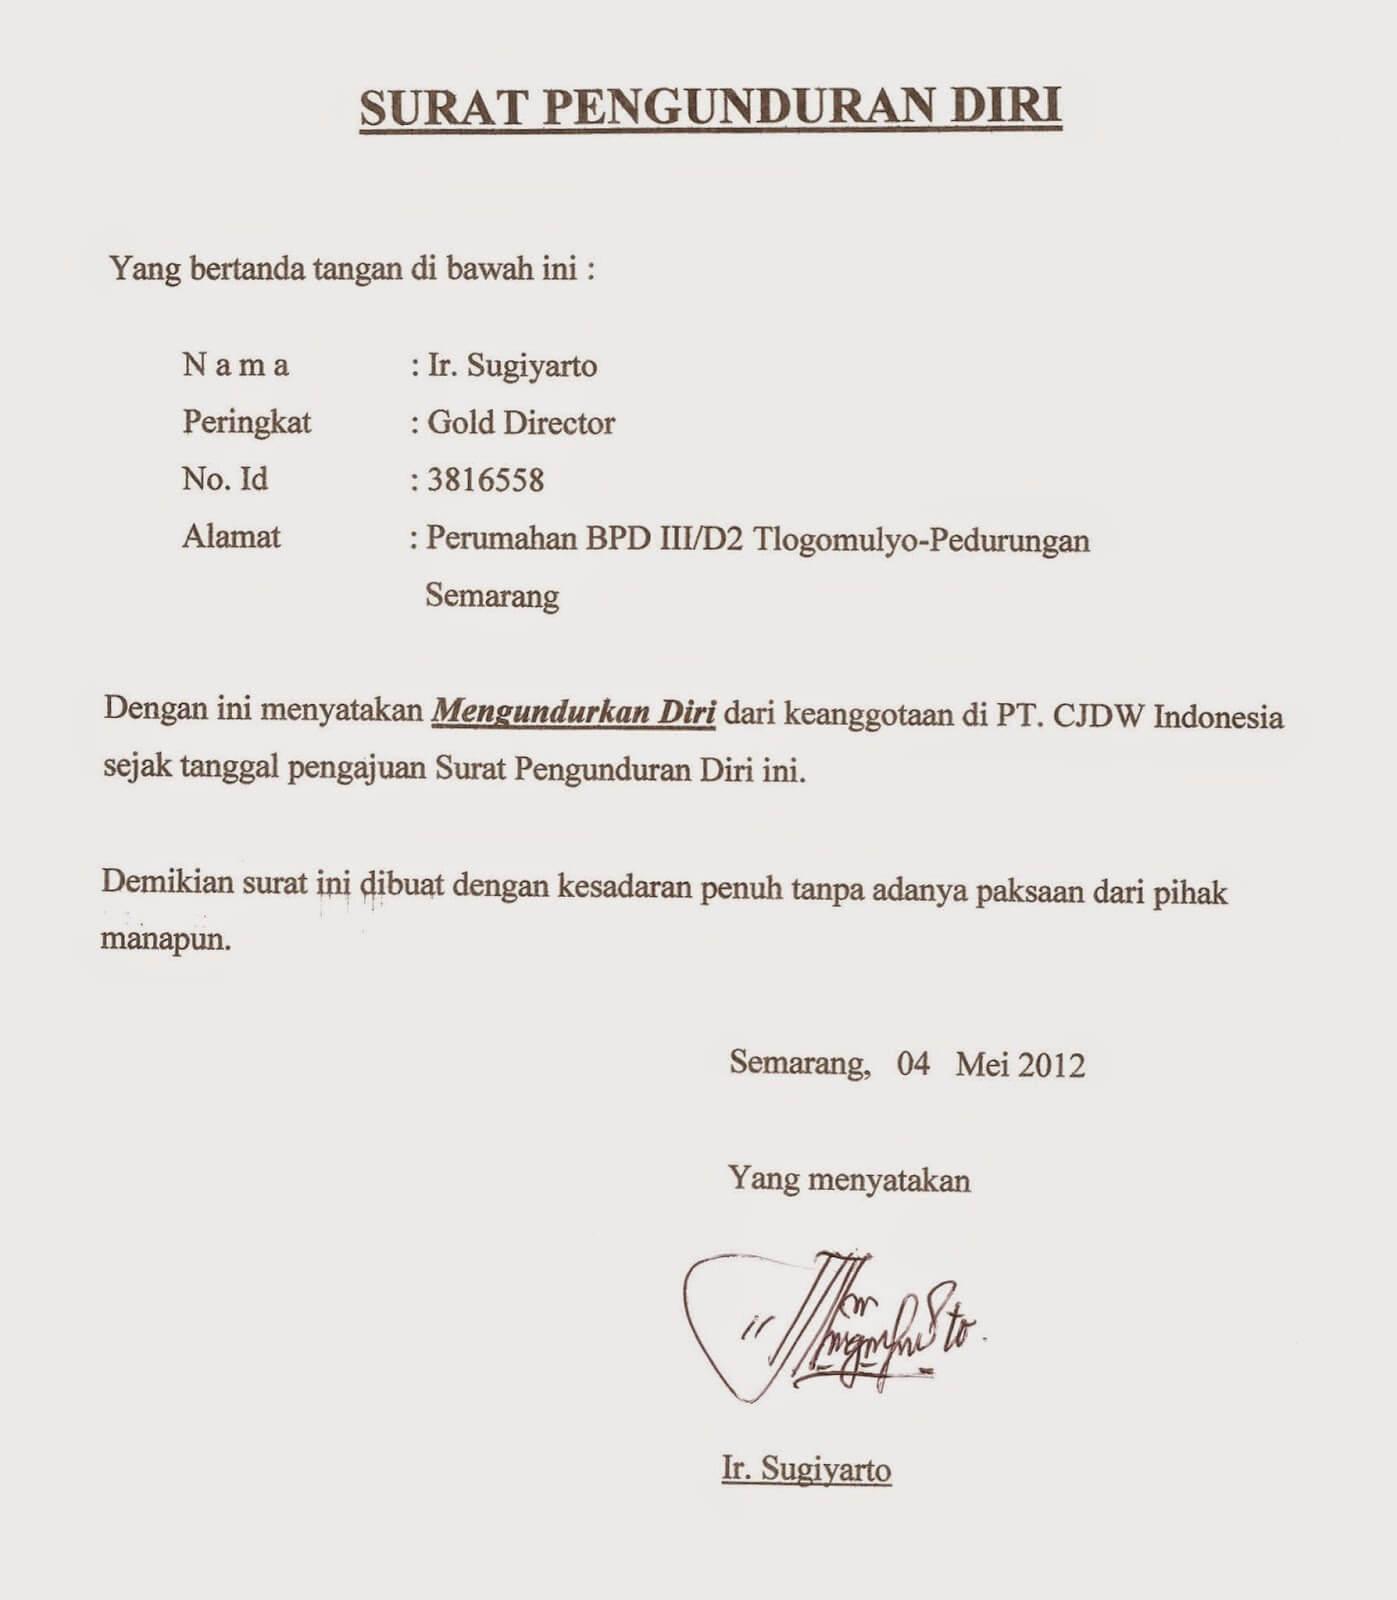 Surat Pengunduran Diri Dari Bendahara Rt Surat Kerja M